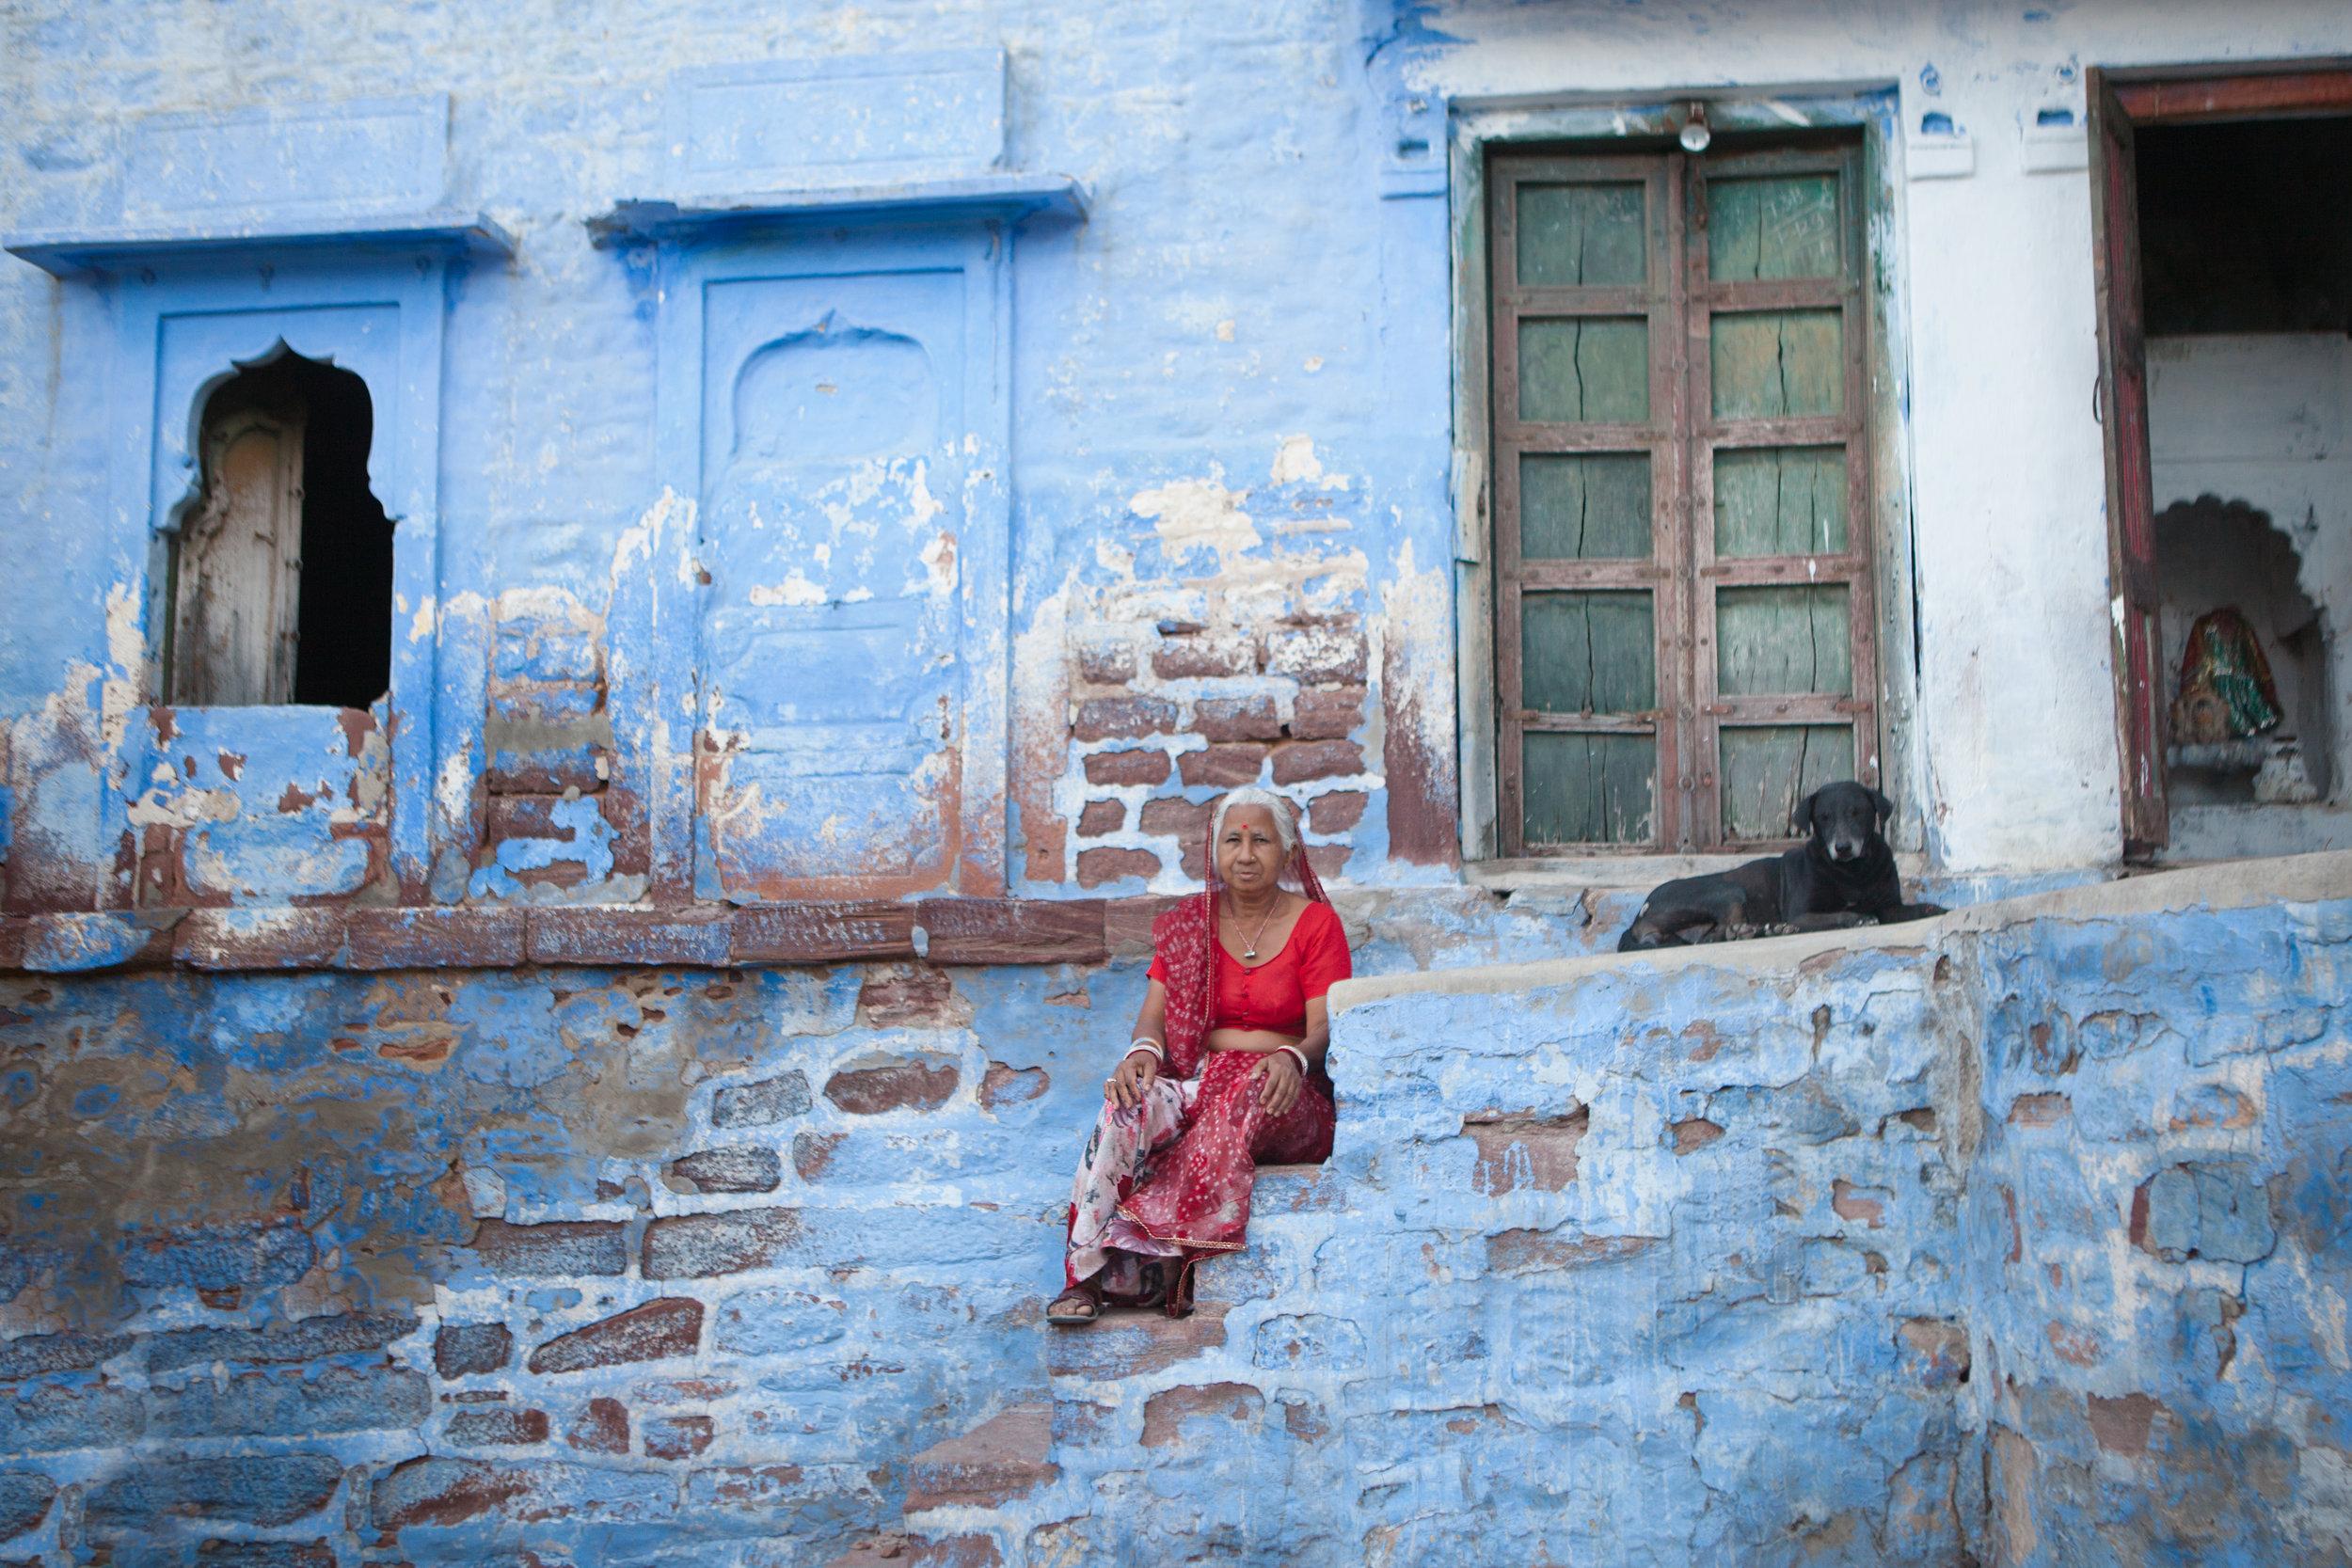 India-qfb327.jpg